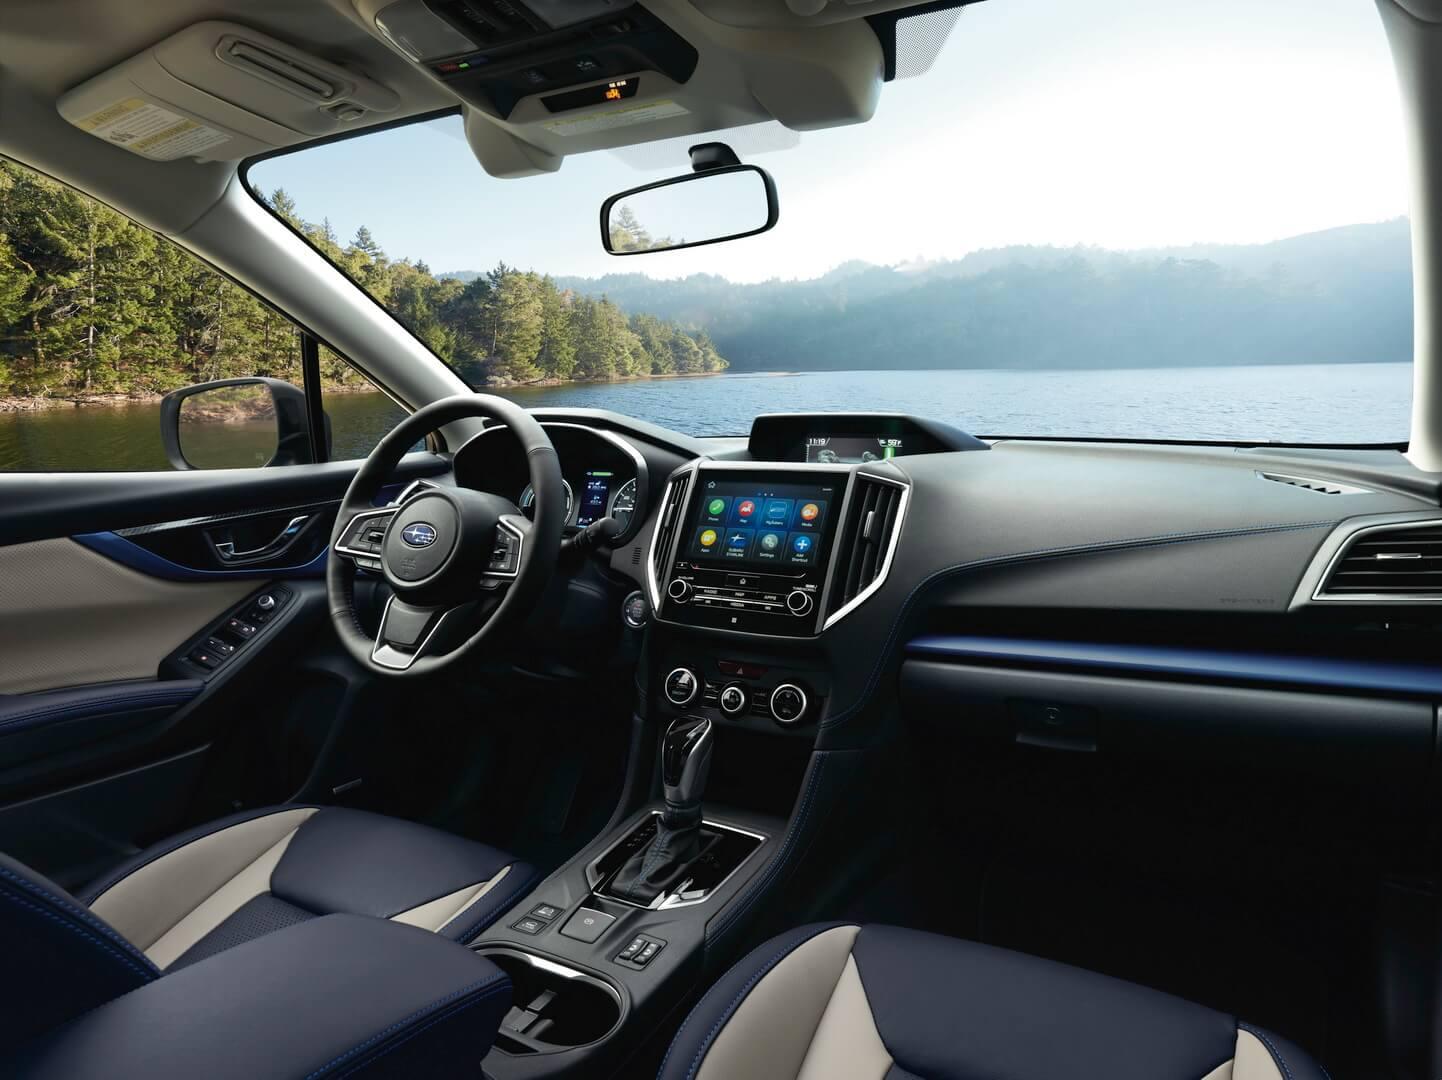 Интерьер салона плагин-гибрида Subaru Crosstrek Hybrid